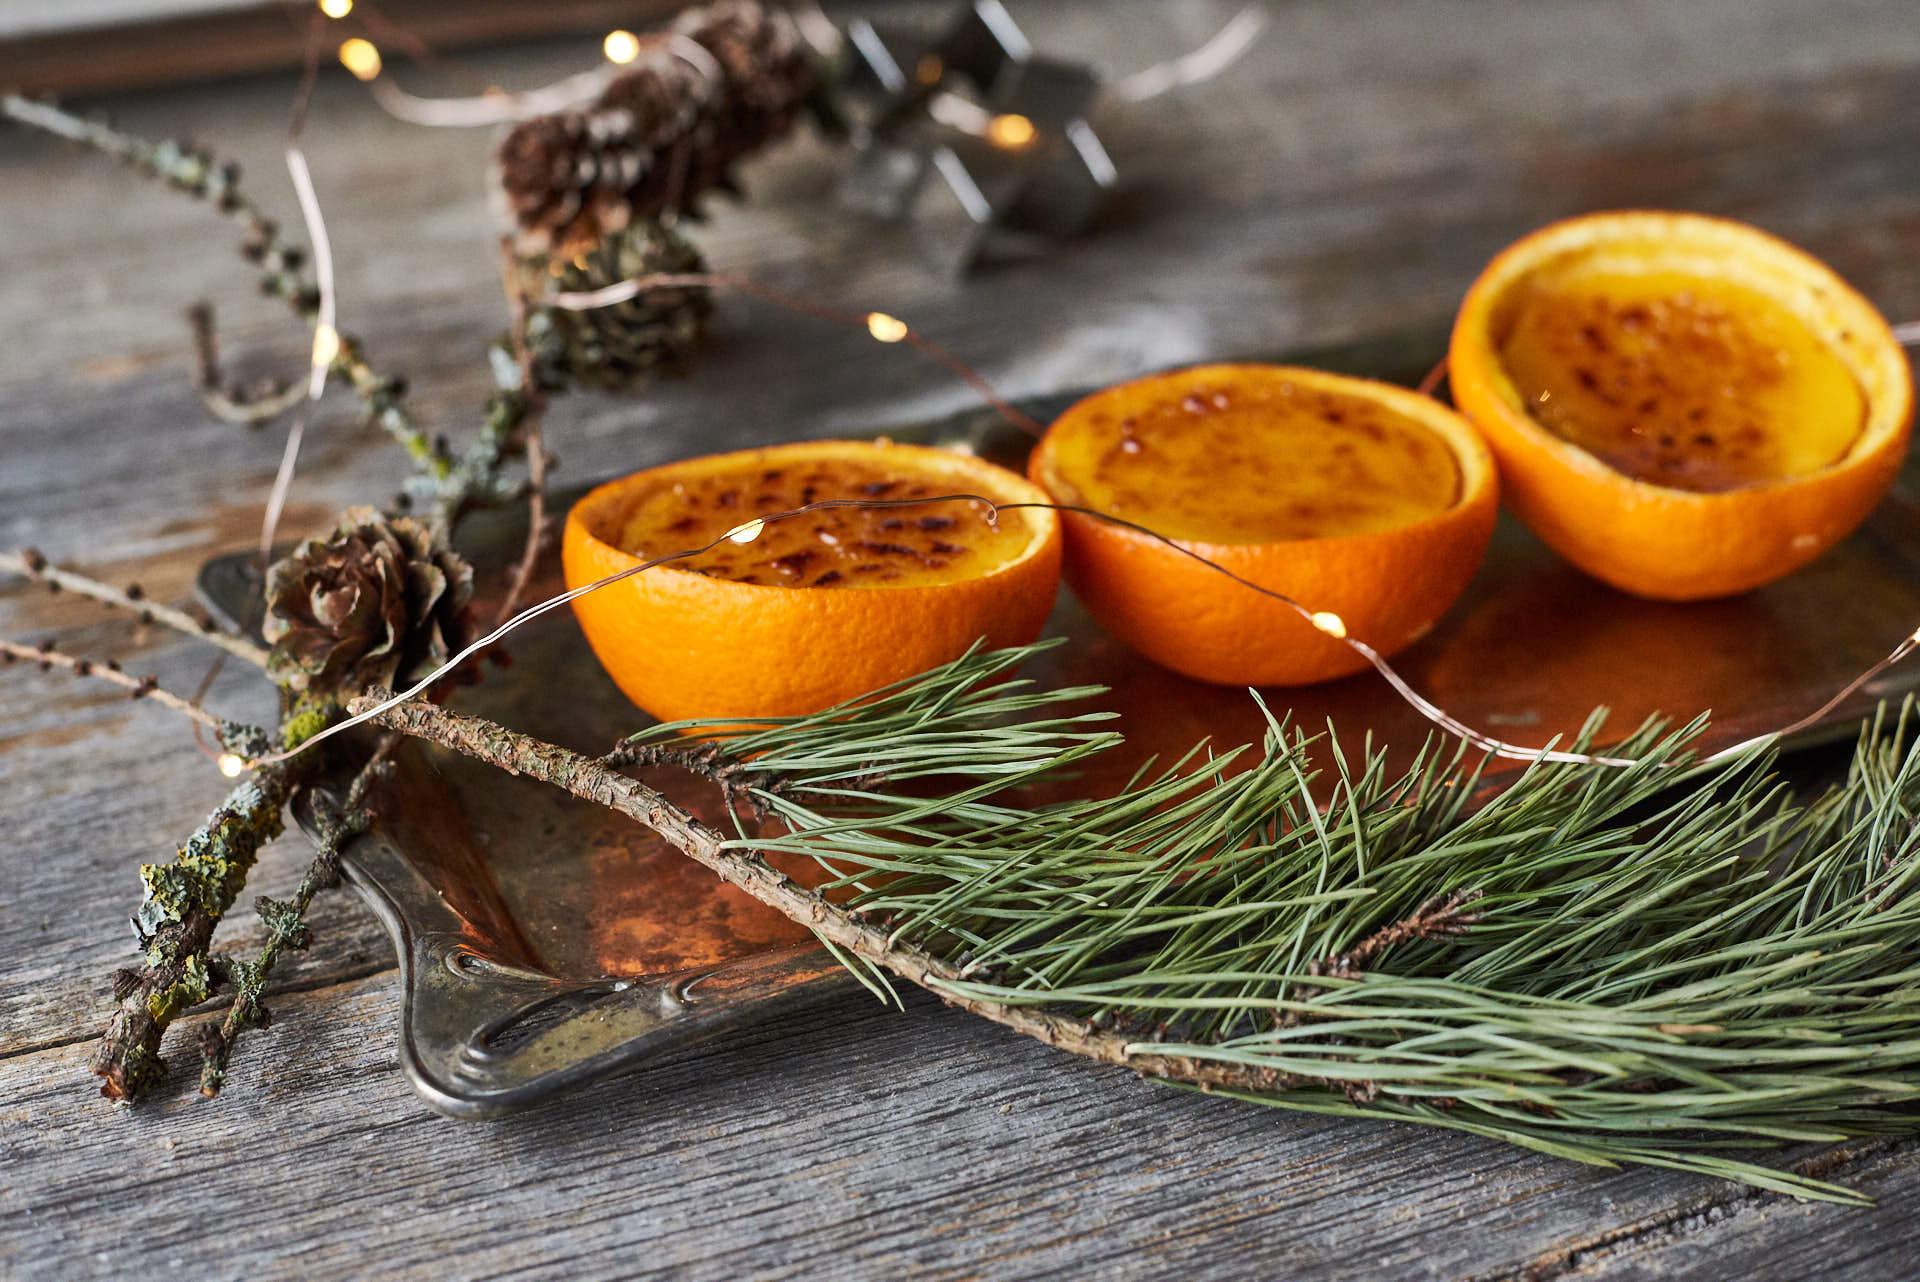 Orangencrème brûlée als weihnachtliches Dessert